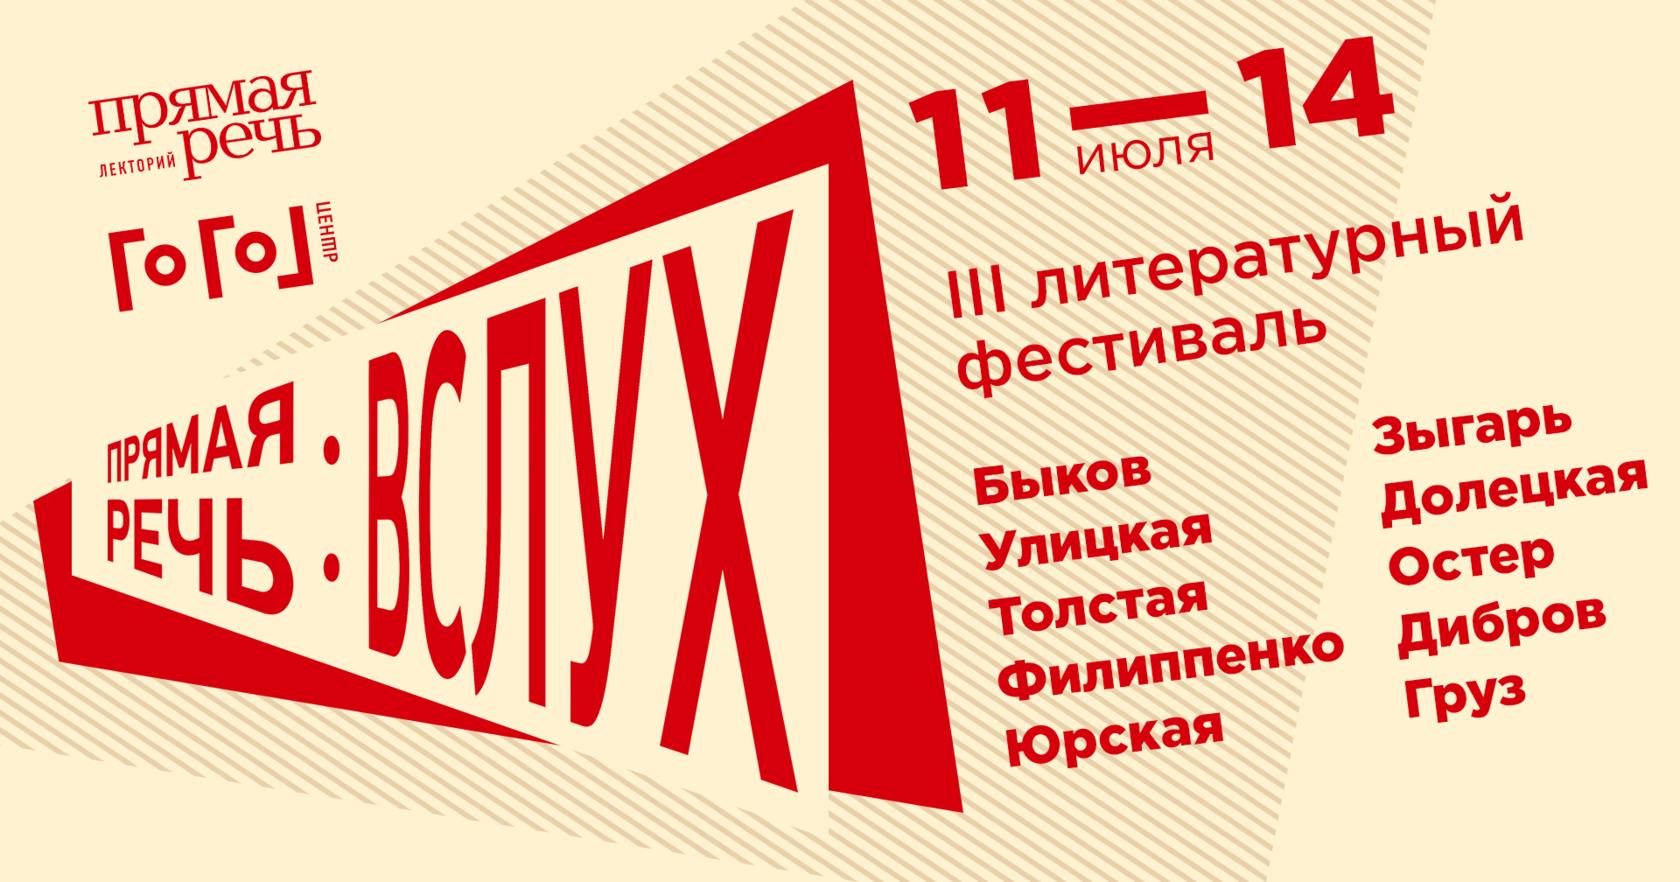 Литературный фестиваль Прямой речи в Гоголь-центре